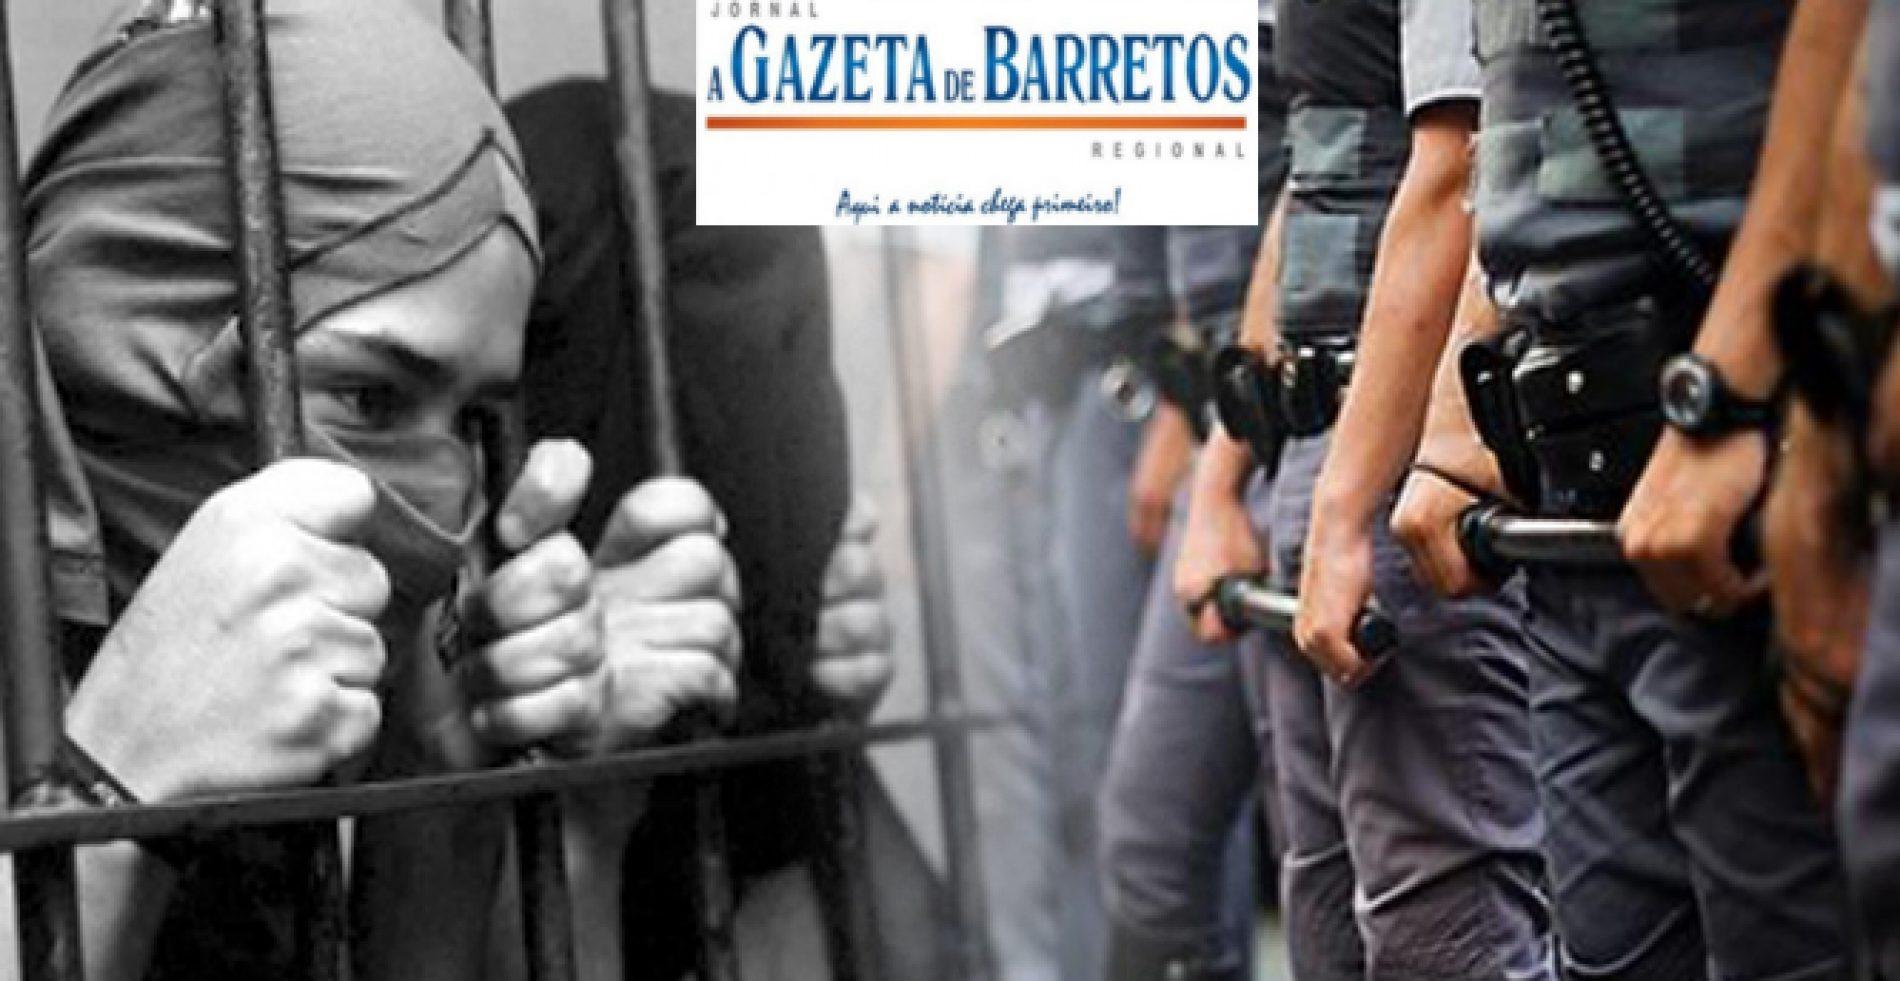 Adolescentes de 13 anos são detidos depois de agredirem Policial Militar com pedrada no rosto em porta de escola